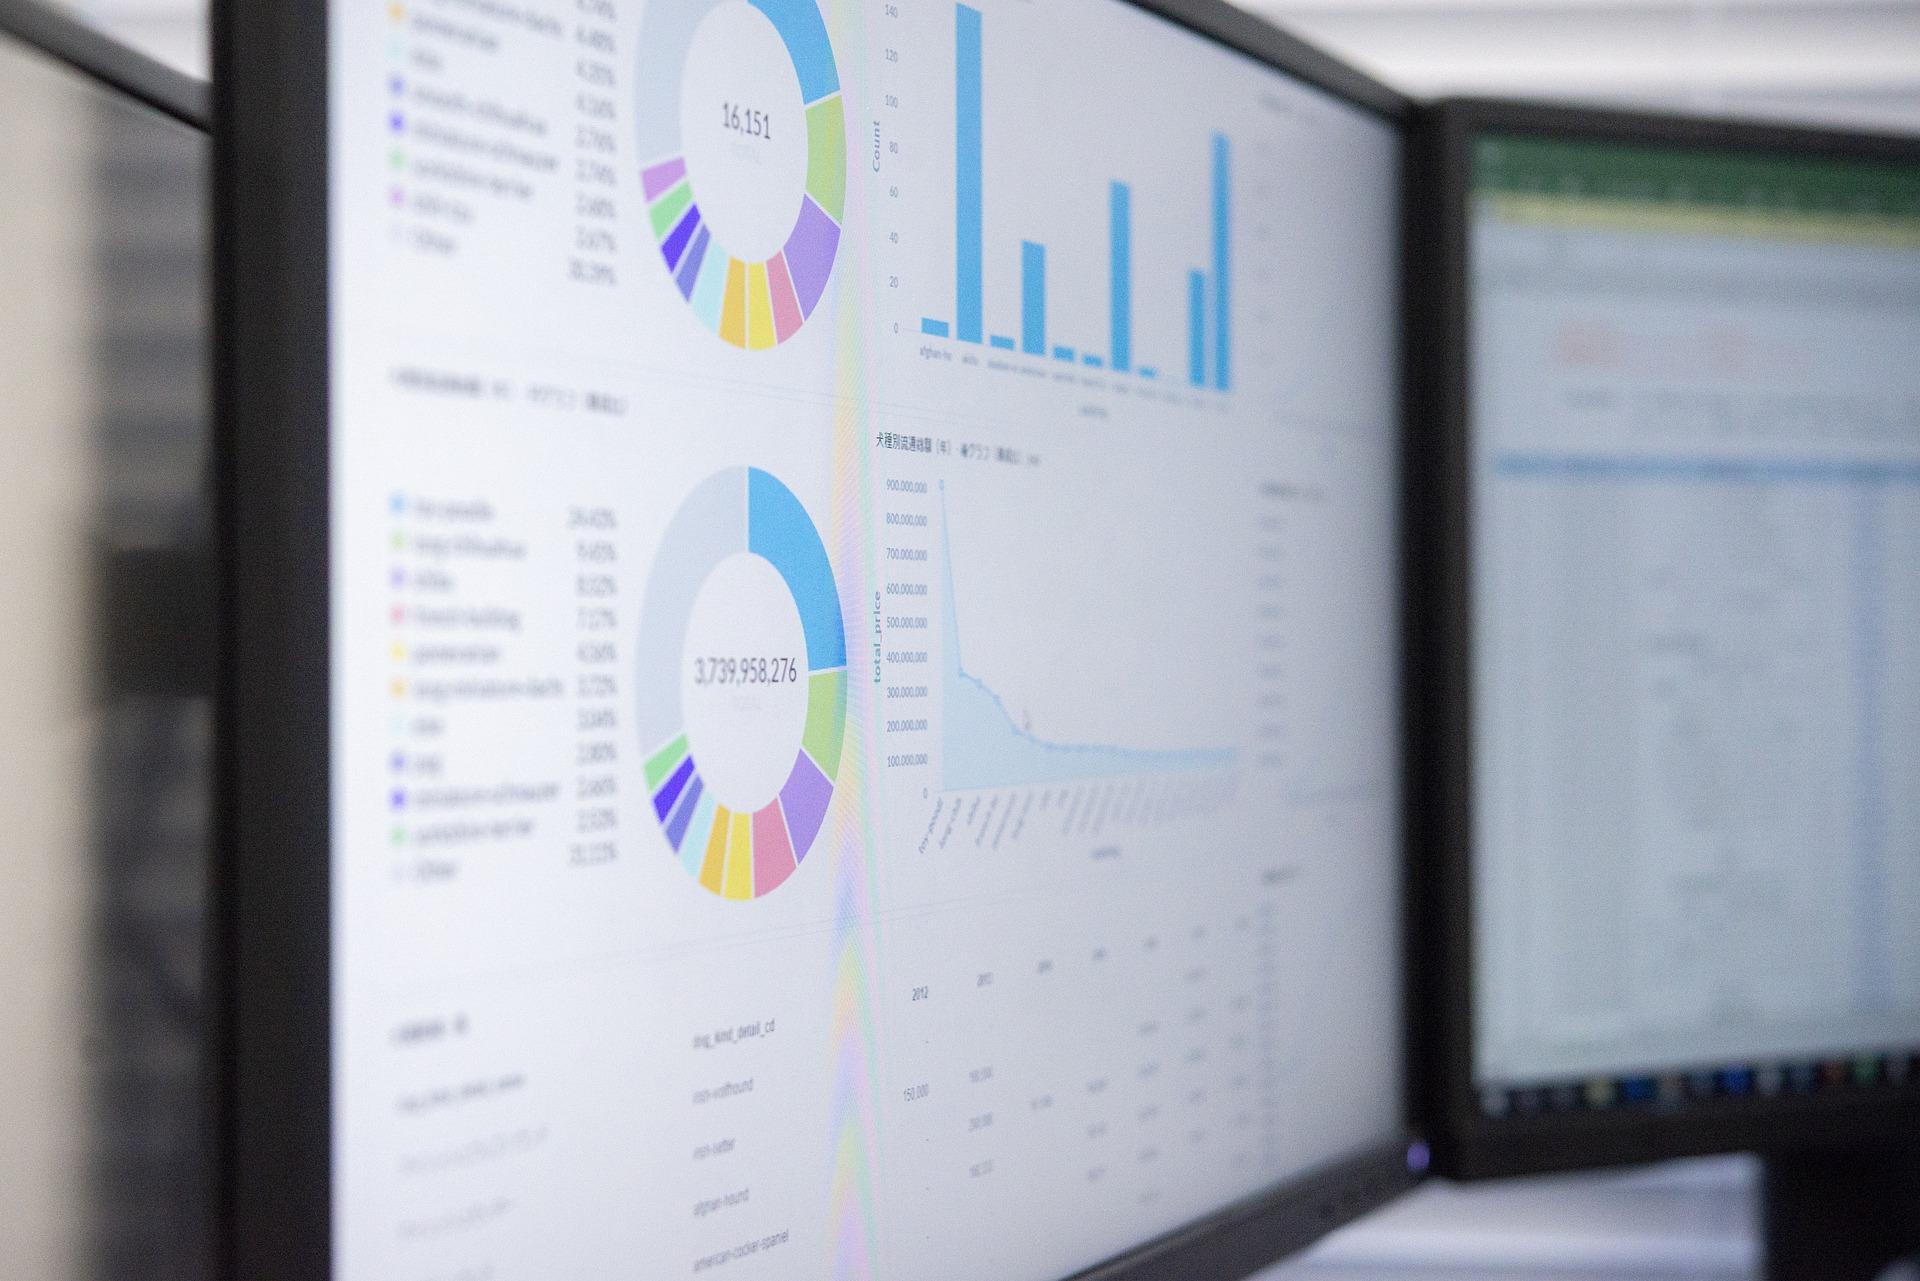 メンタルヘルスブログ:ストレスチェックの集団分析の集計・評価方法